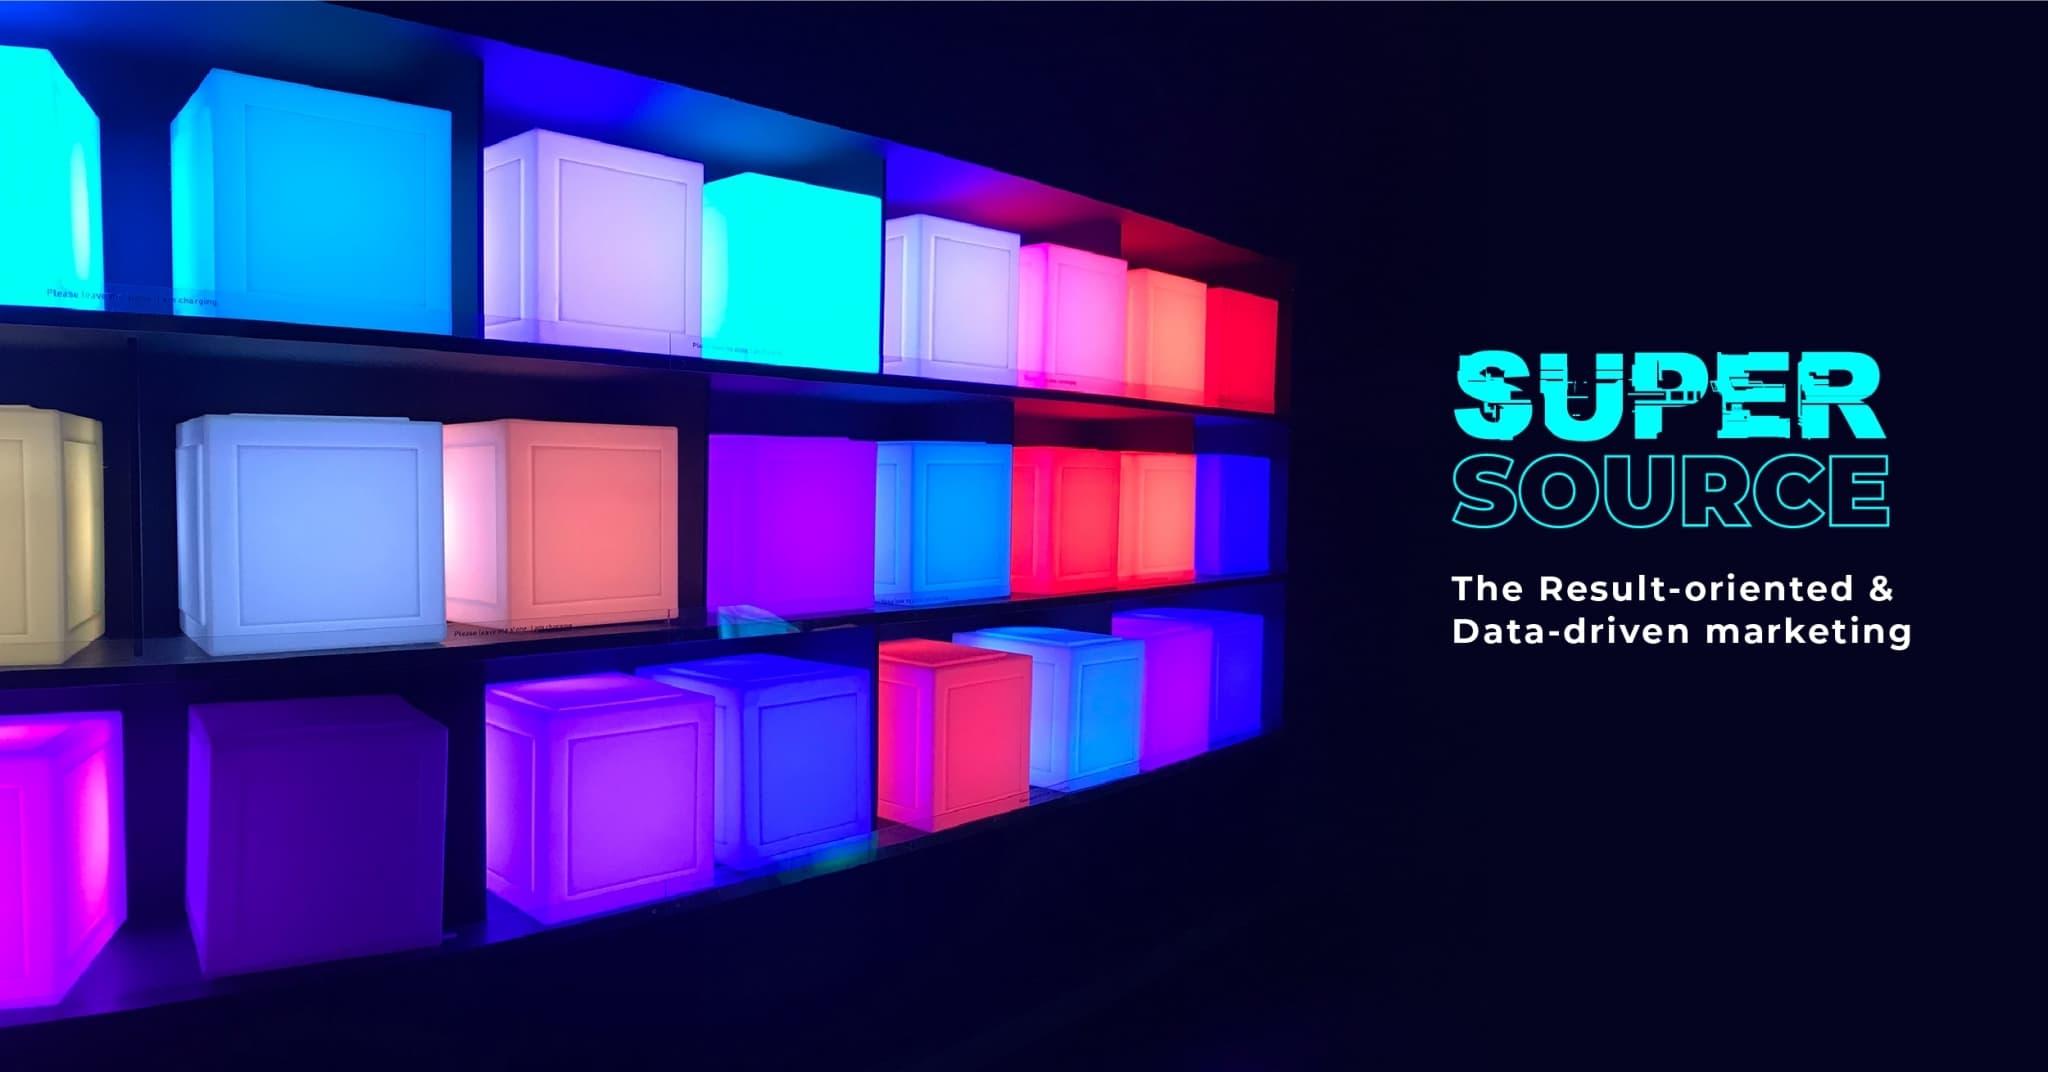 SUPERSOURCE | Platform ซื้อ-ขายสินค้าอุตสาหกรรม ด้วยการตลาดครบวงจร ประหยัด การันตีผล เข้าถึงนับหมื่นโรงงาน + สื่อออนไลน์ด้านอุตสาหกรรมที่มียอดกว่าล้าน Views/ปี